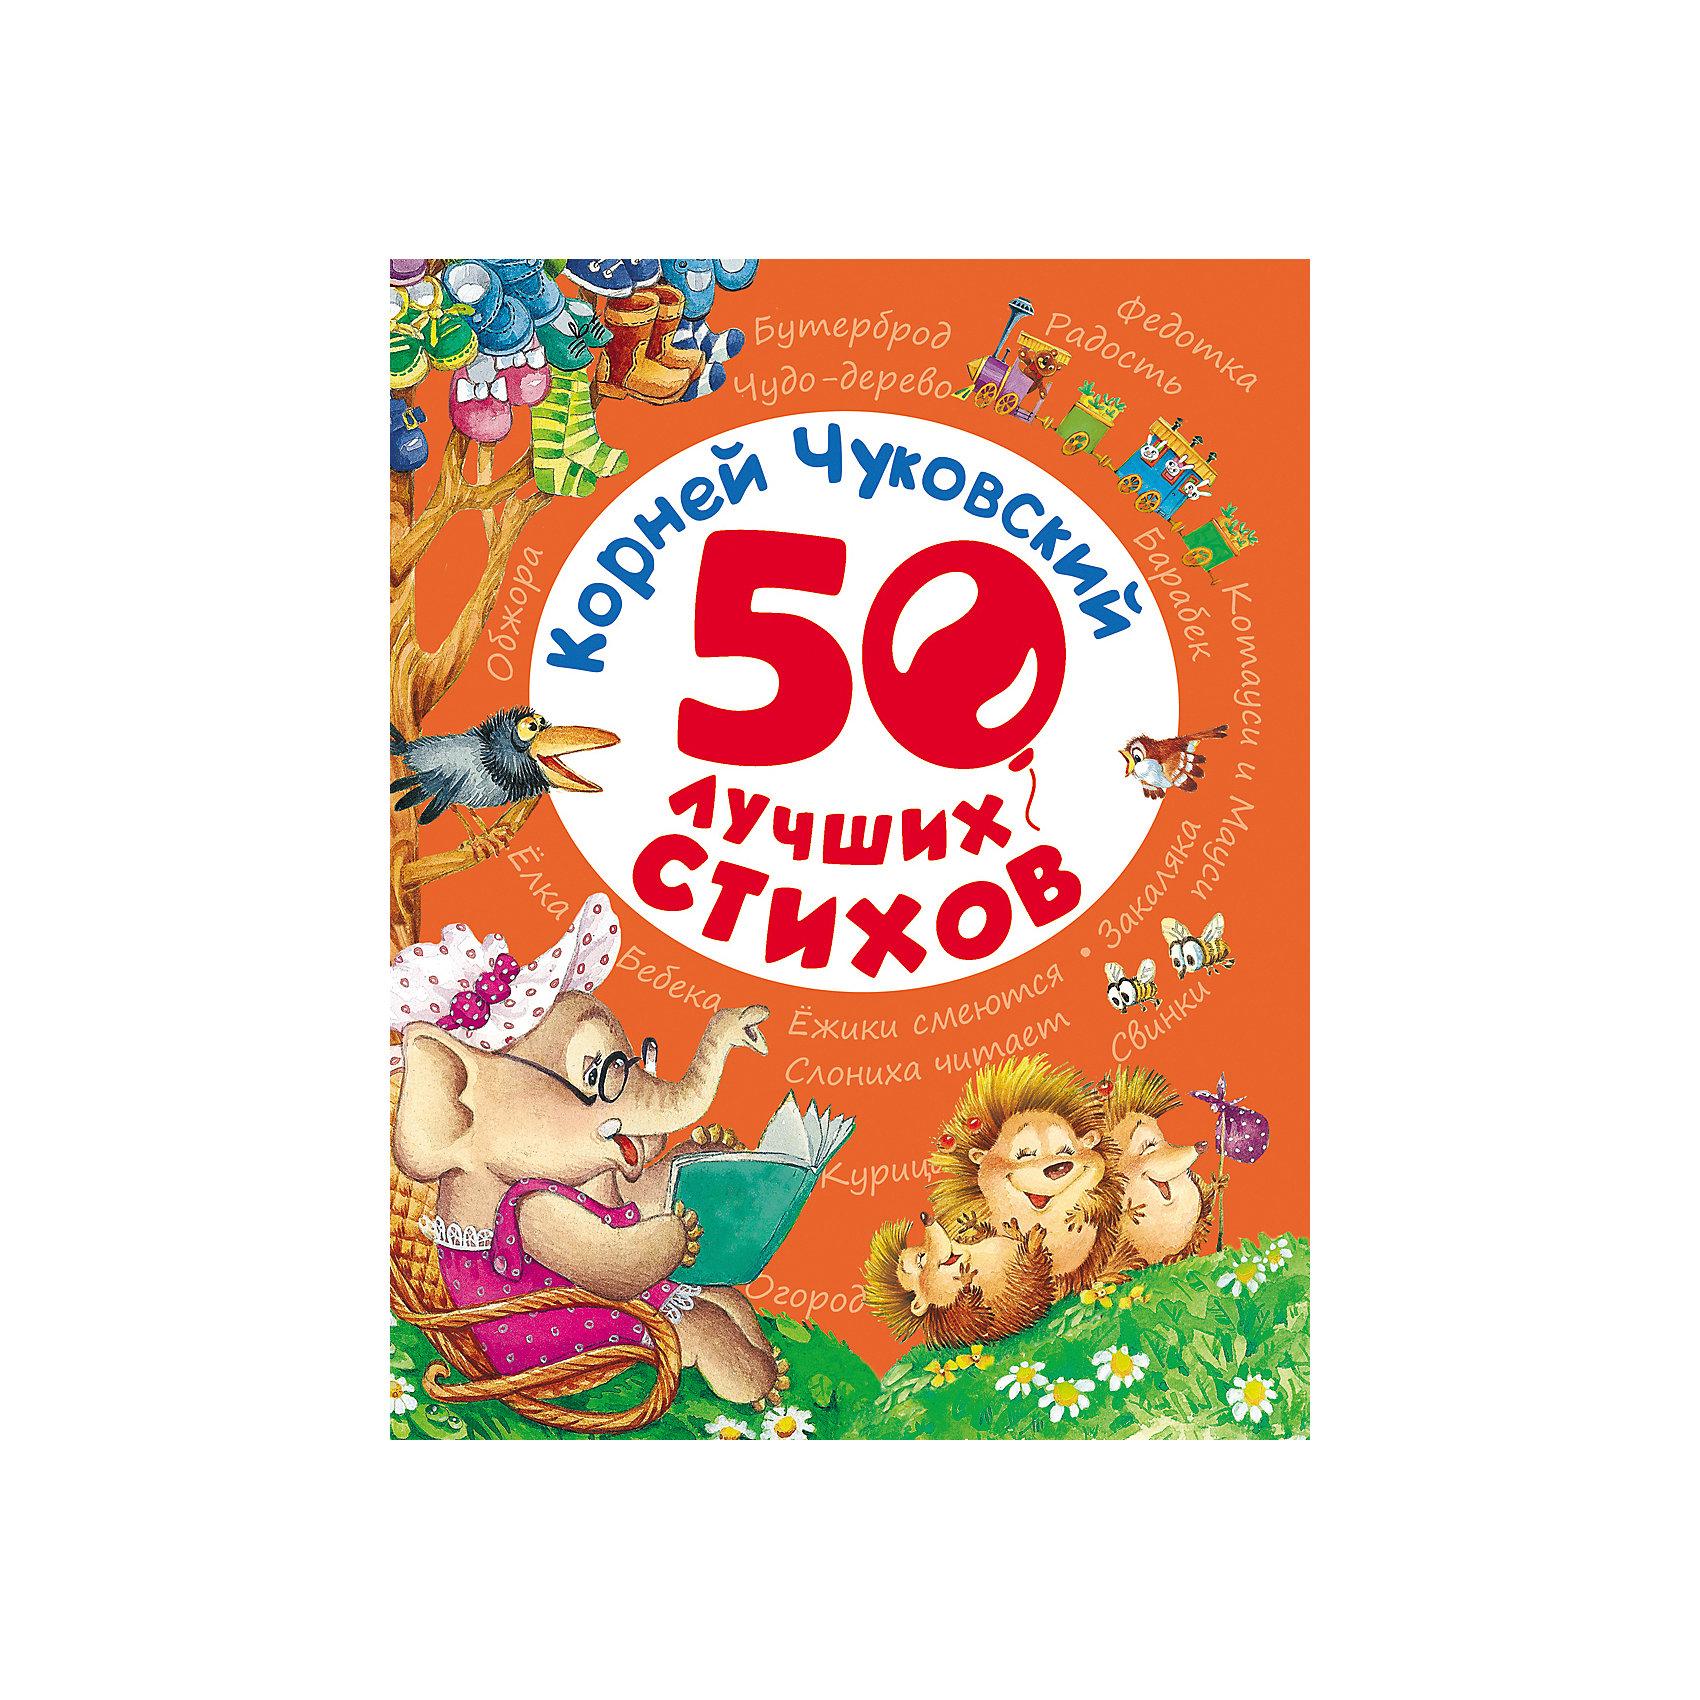 50 лучших стихов, К. ЧуковскийСтихи<br>В сборник вошли 50 всеми любимых стихотворений Корнея Чуковского - и забавные загадки, и стихи-перевертыши, и переводы английских народных песенок. Книга станет отличным подарком не только для самых маленьких читателей, но и для их родителей.<br><br>Ширина мм: 262<br>Глубина мм: 204<br>Высота мм: 8<br>Вес г: 340<br>Возраст от месяцев: 36<br>Возраст до месяцев: 144<br>Пол: Унисекс<br>Возраст: Детский<br>SKU: 4782445